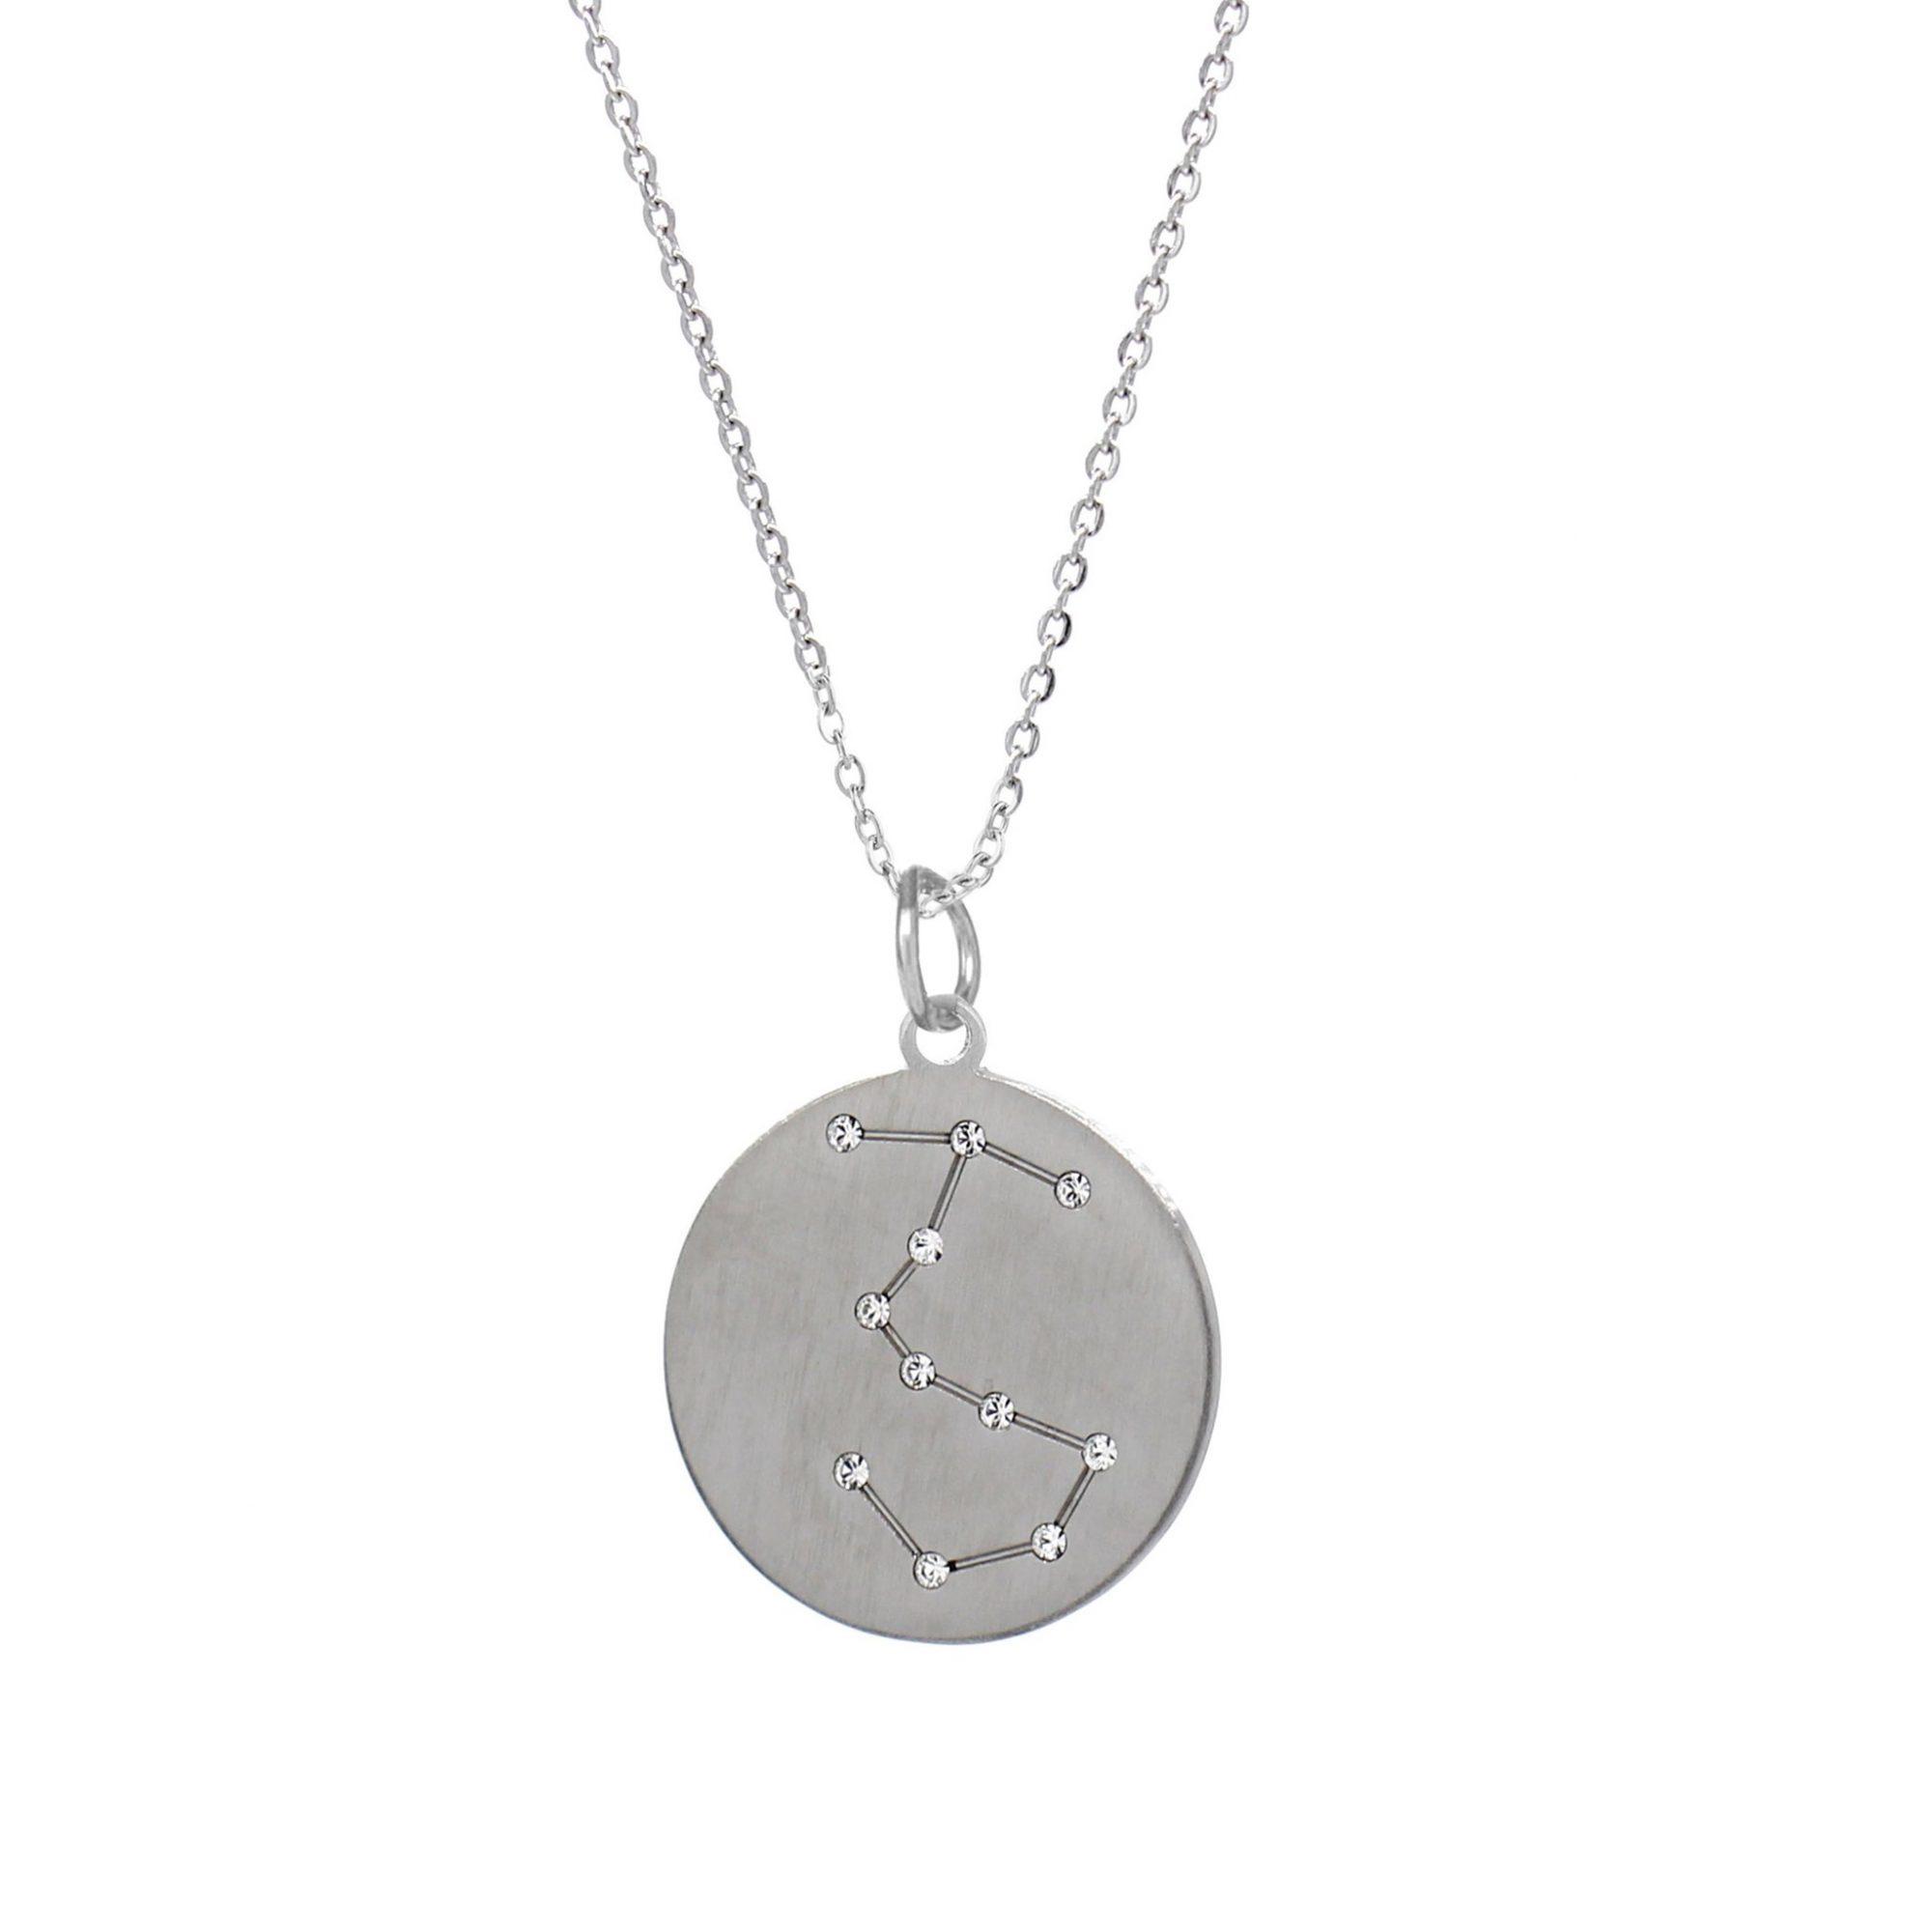 Victoria Emerson zodiac jewelry